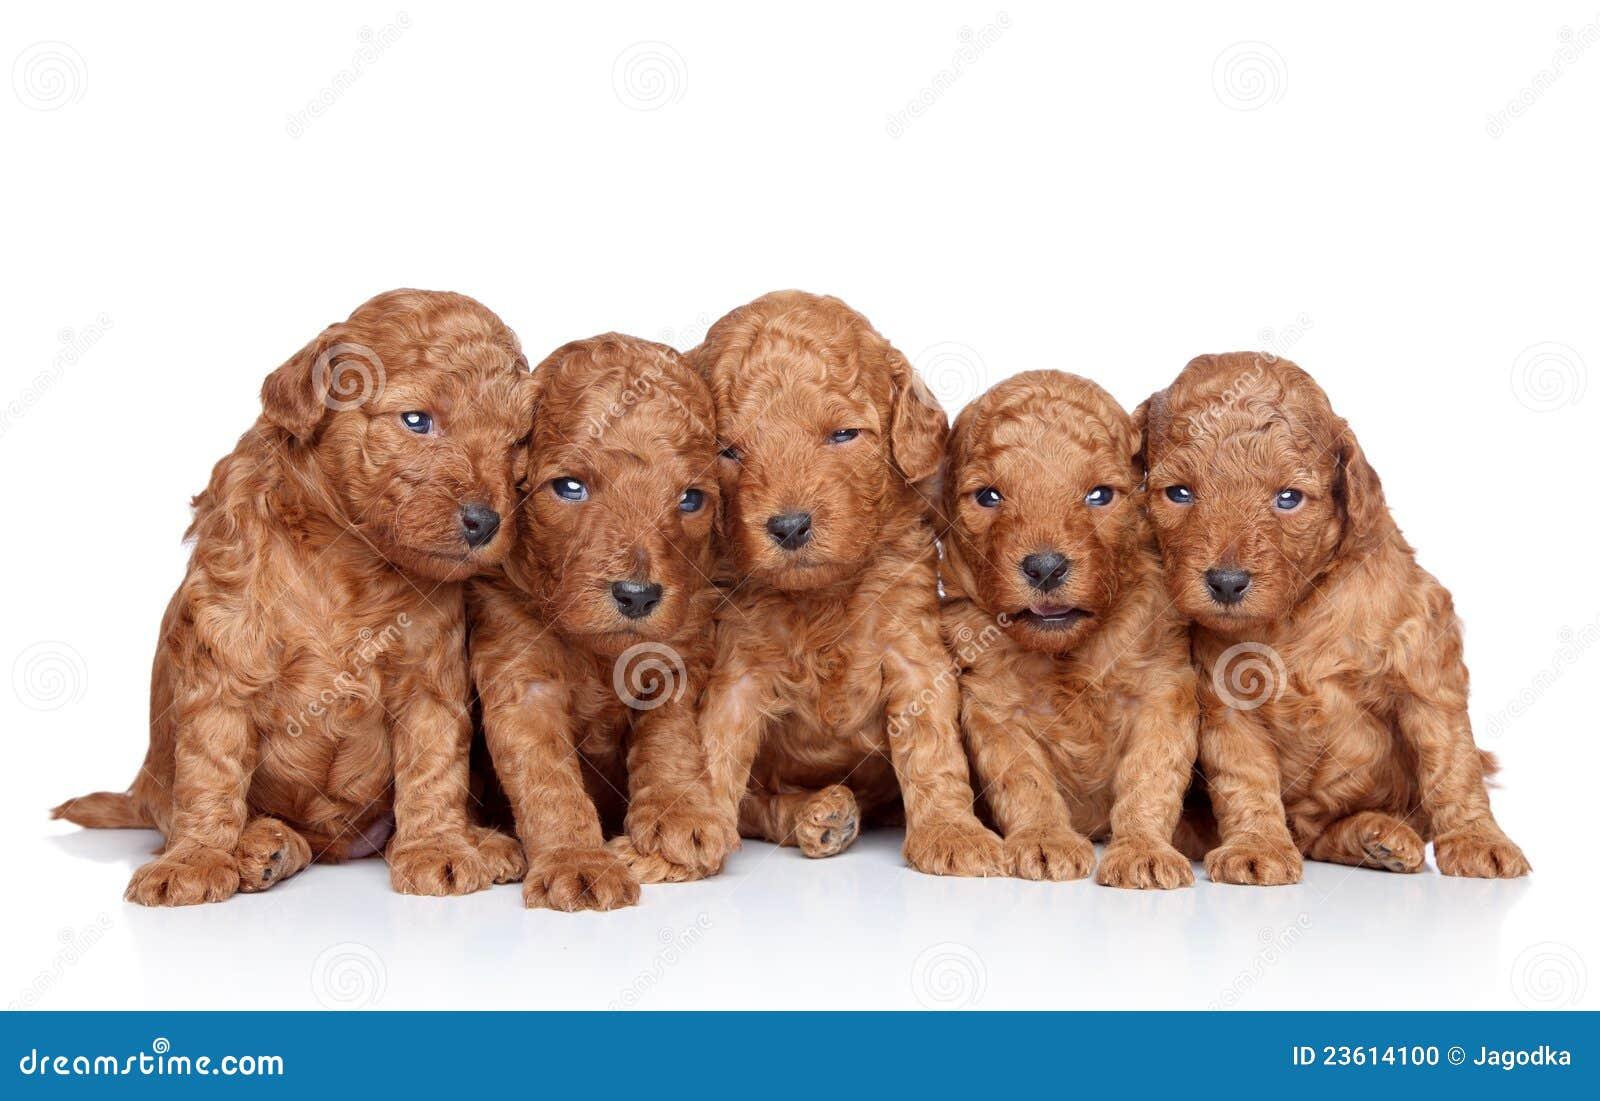 Gruppo di cucciolo del barboncino 20 giorni su un bianco - Barboncino piccolo ...